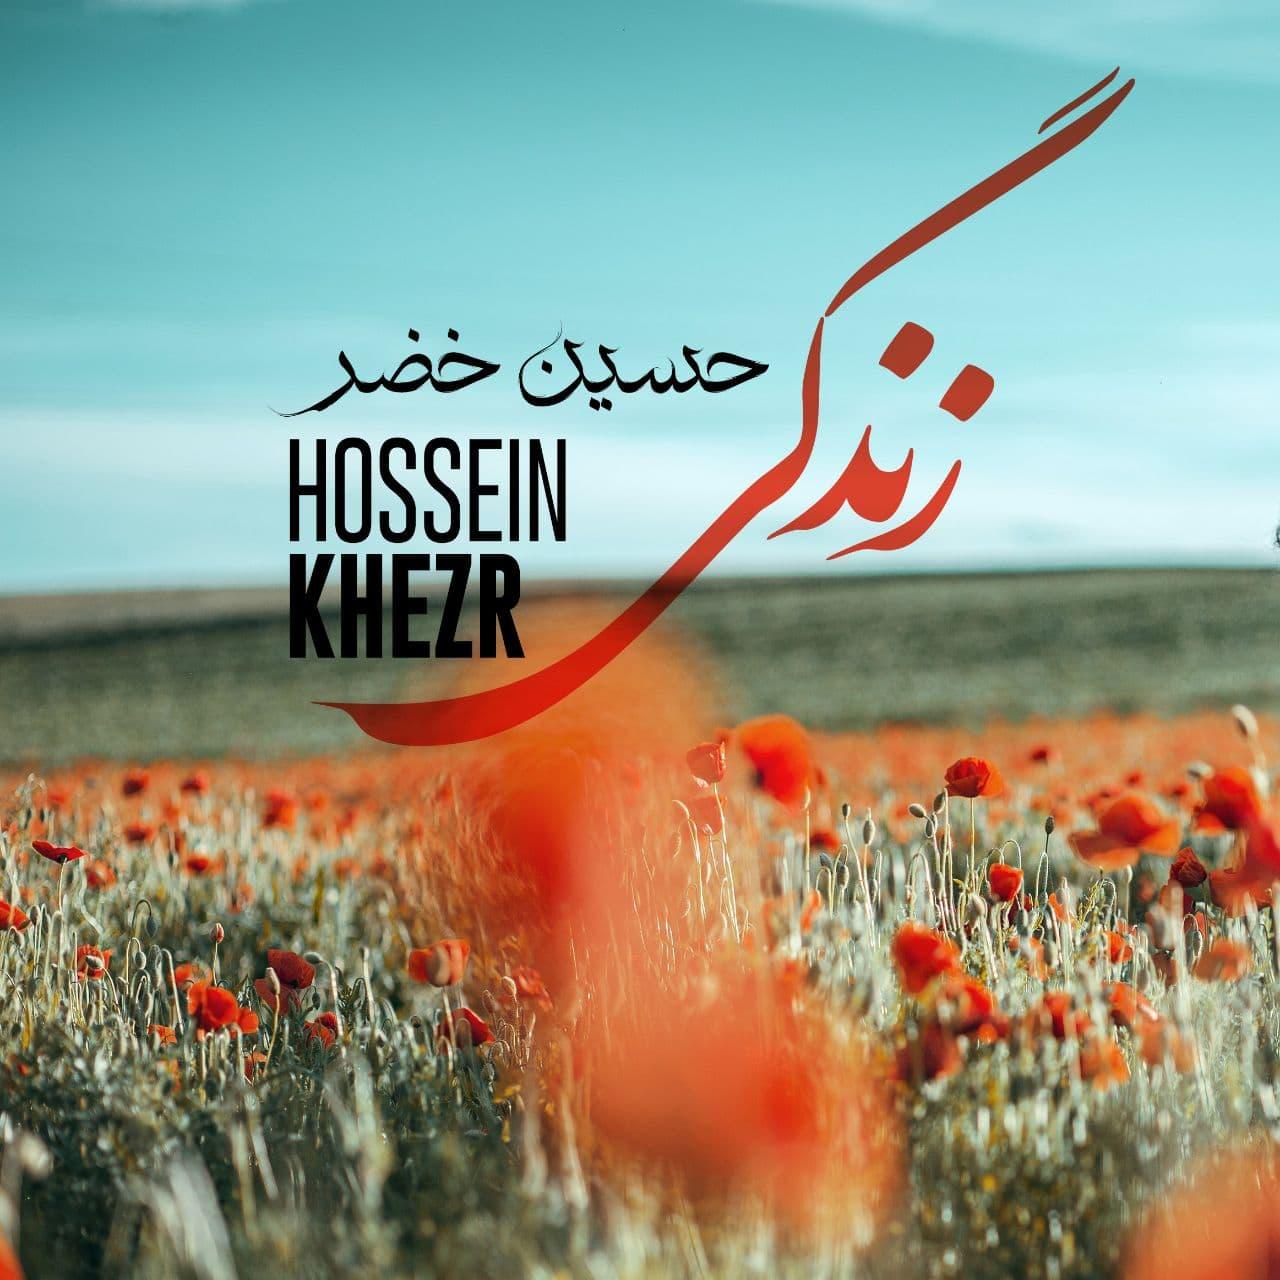 حسین خضر – زندگی